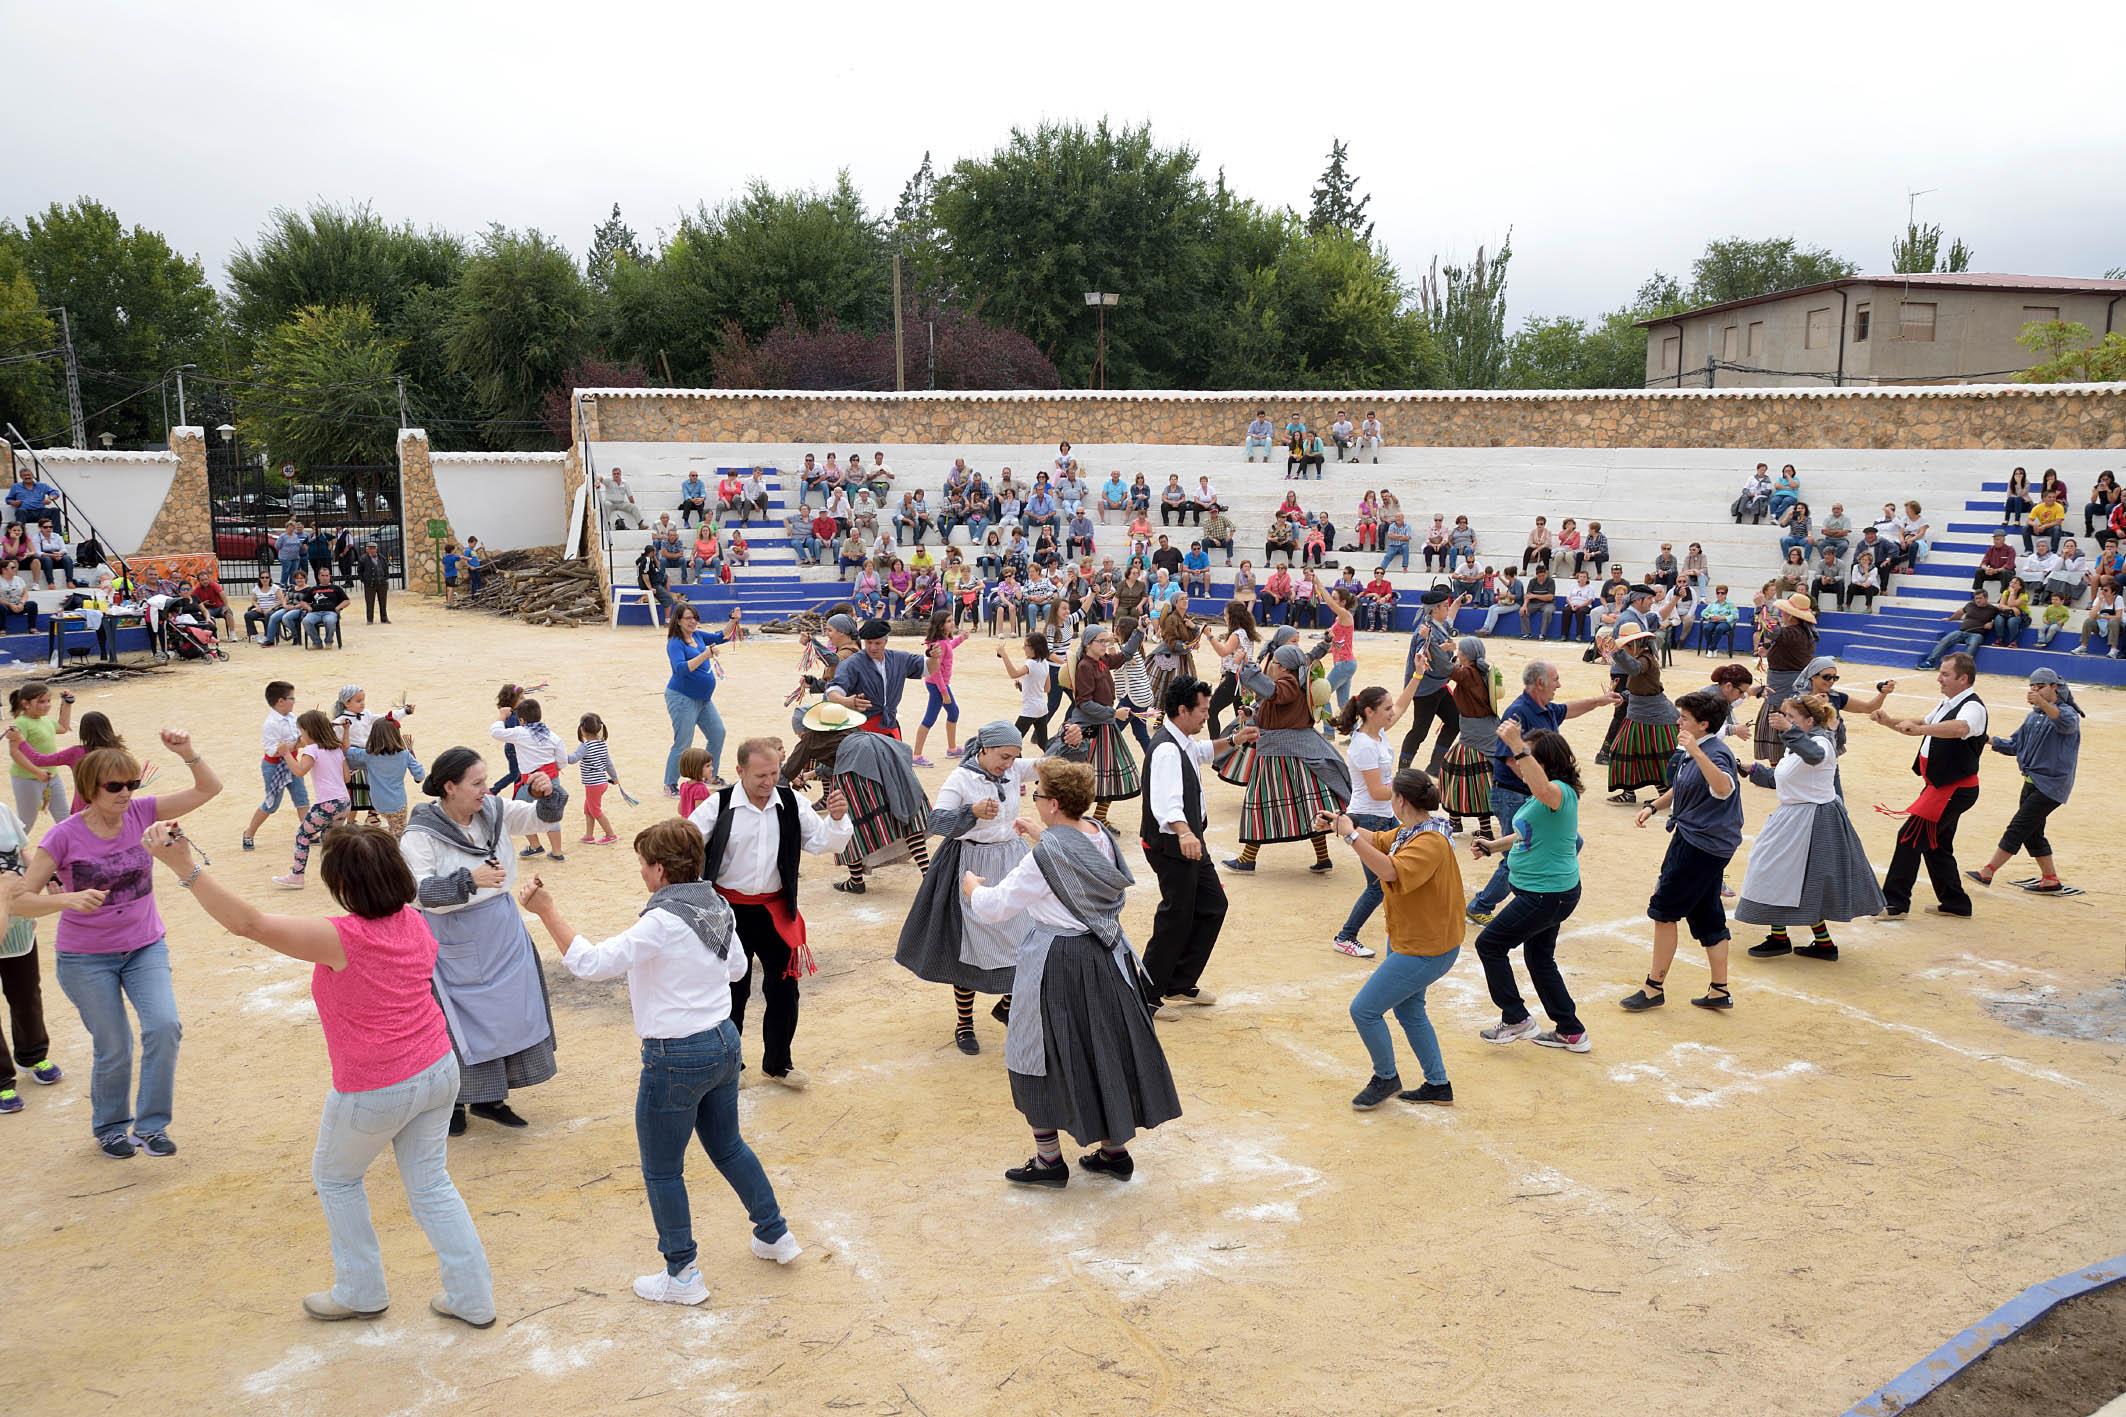 Argamasilla celebra la finalización de la vendimia con folclore y migas manchegas